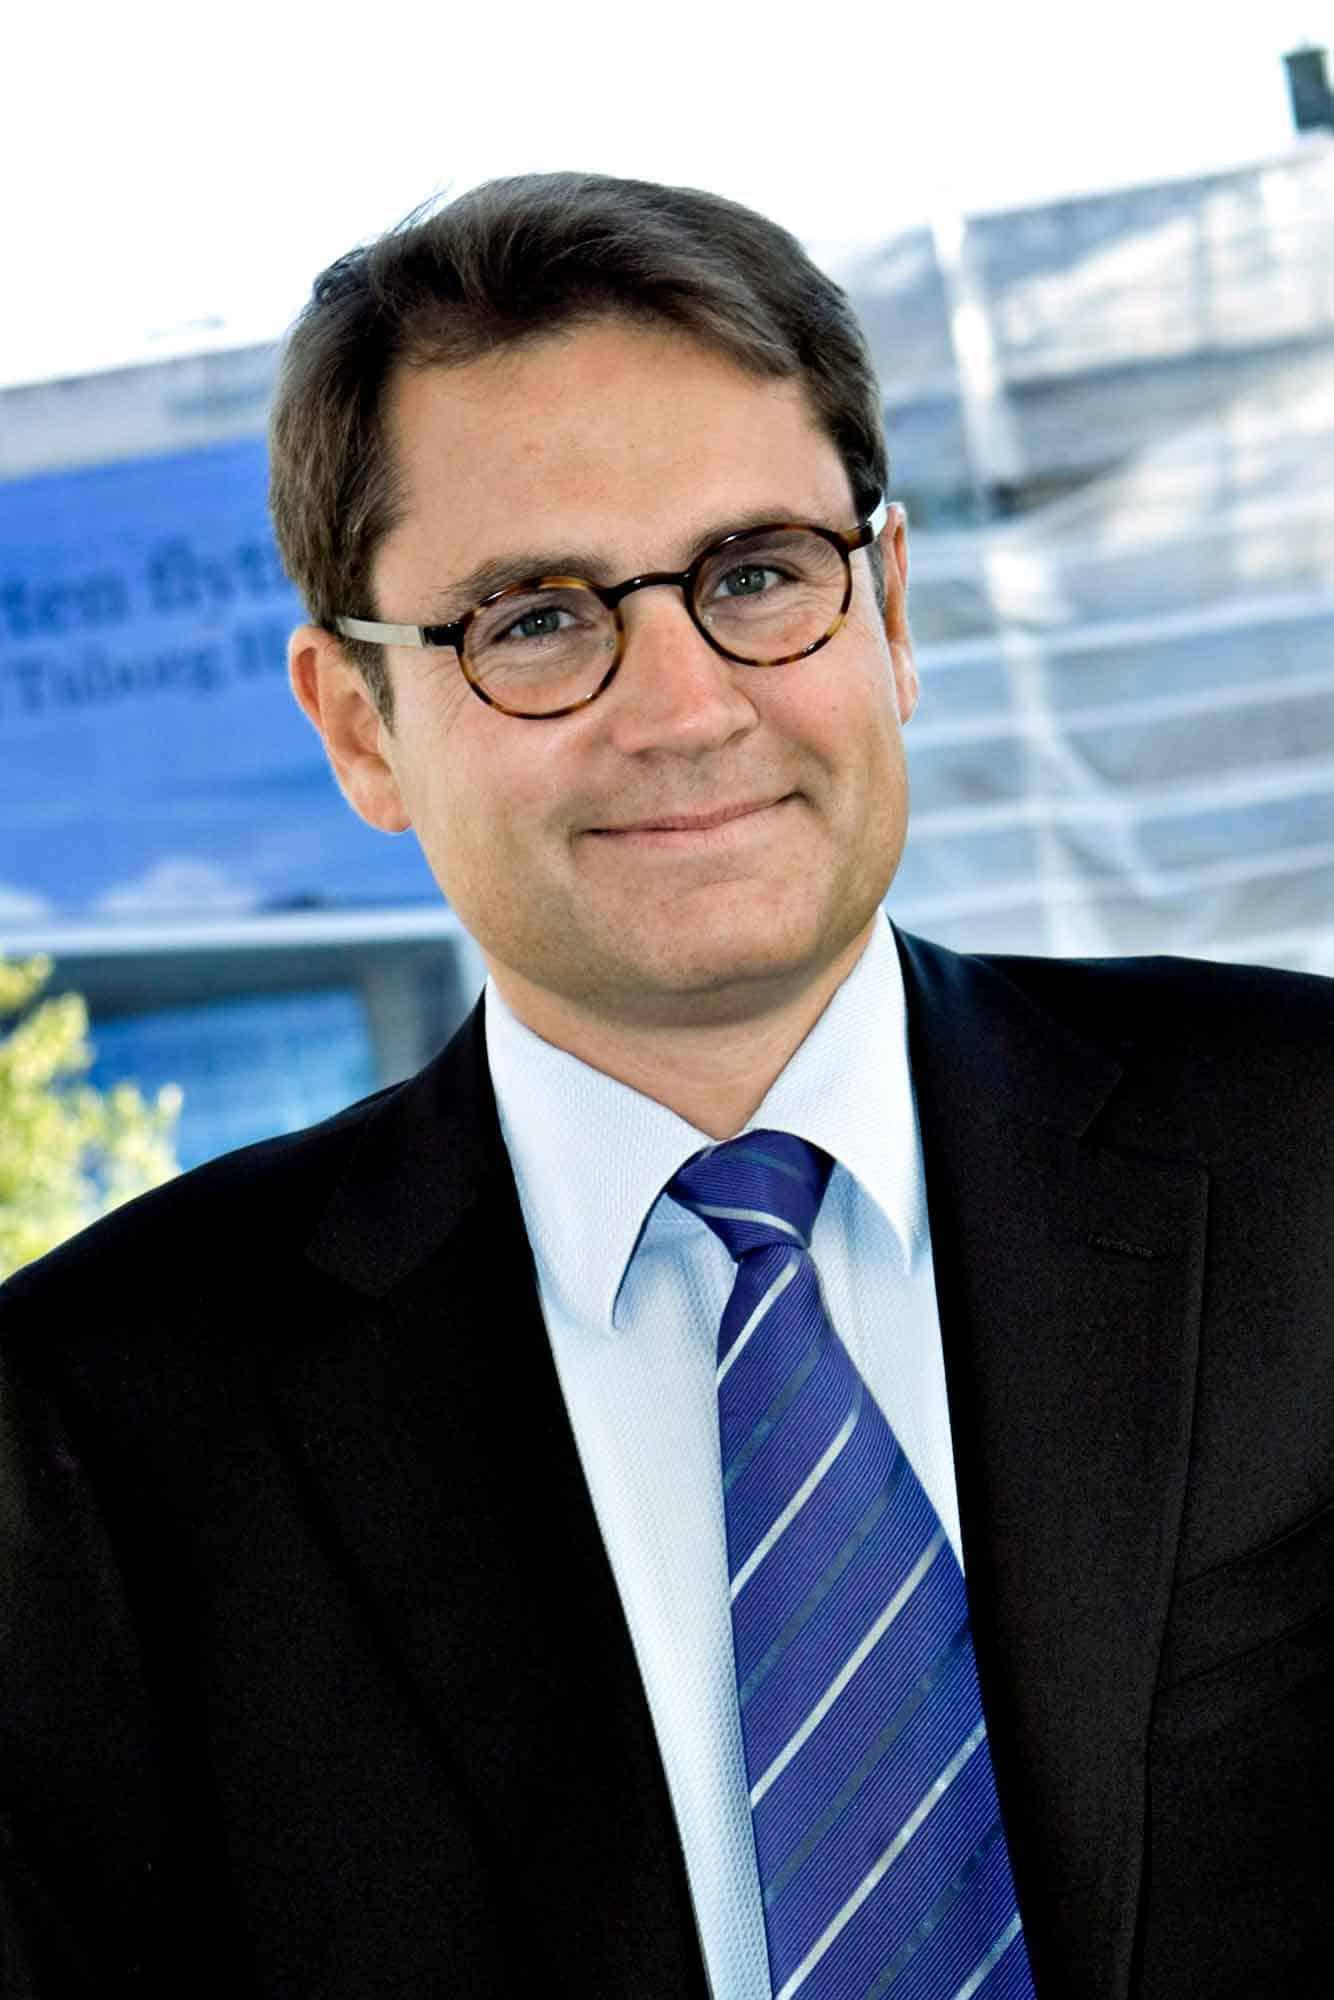 Tidligere kultur og justitsminister Brian Rasmussen - konservative